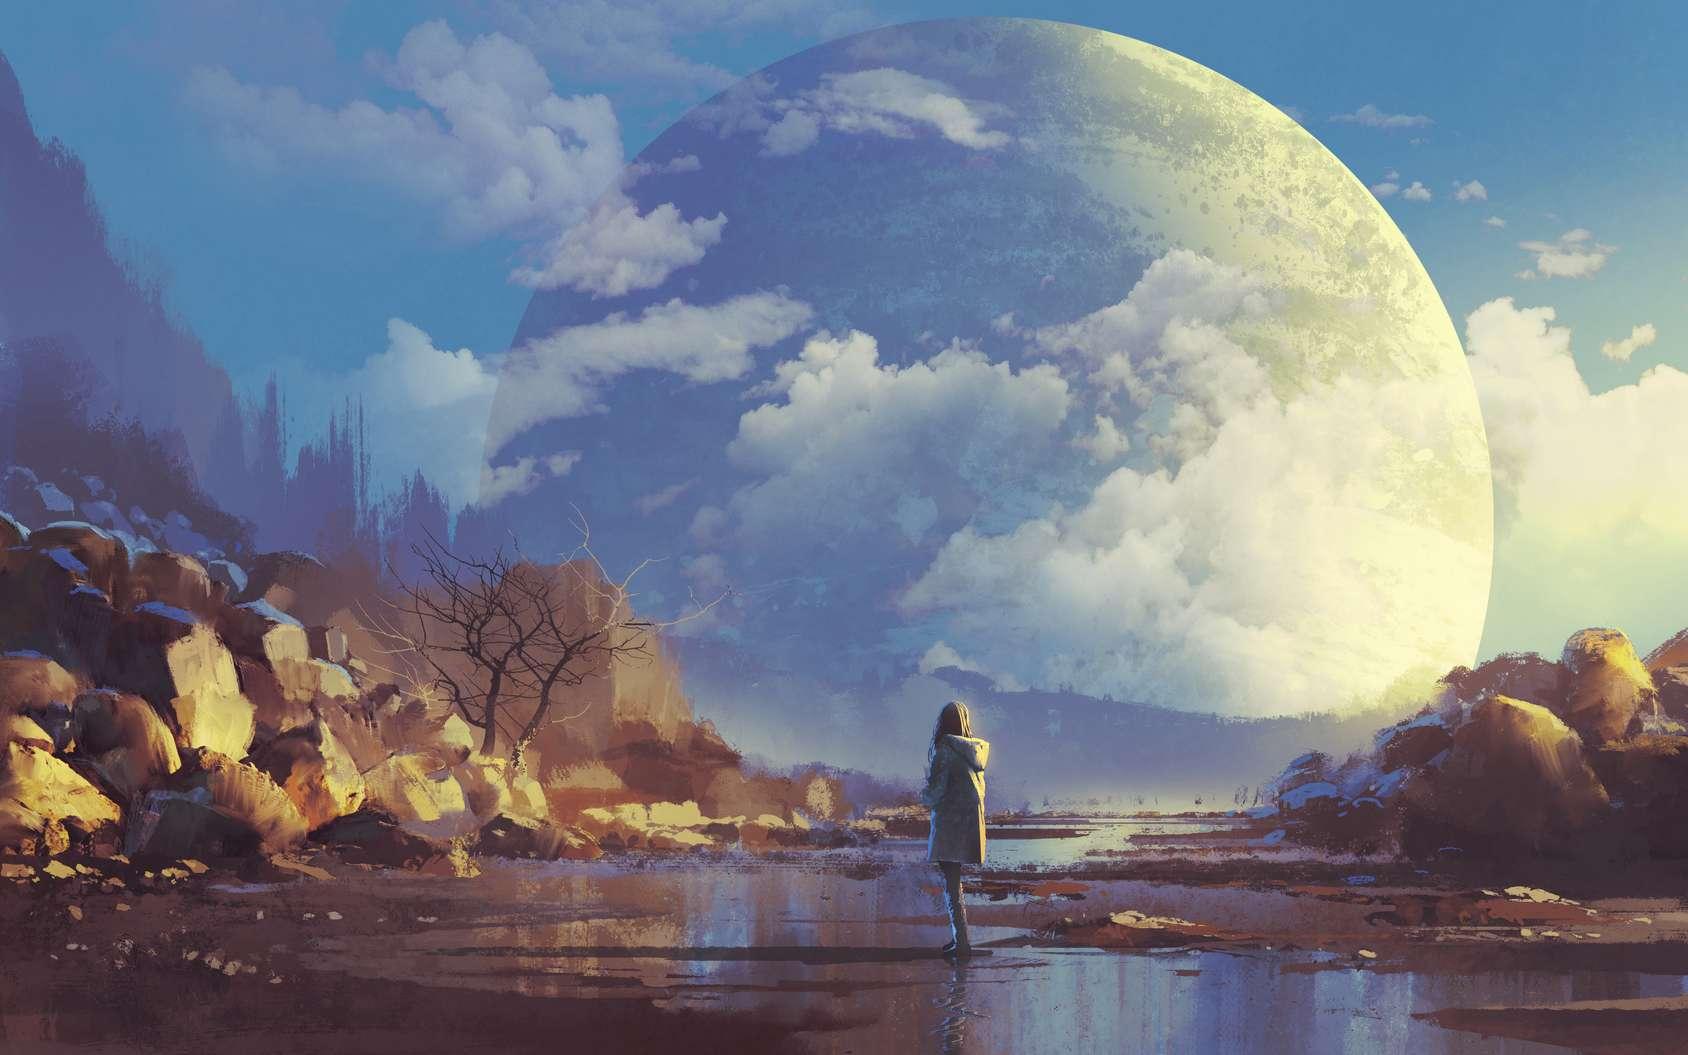 Le lit des rivières s'assèche tandis que la Planète du Chapitre devient une nouvelle Dune. © grandfailure, Fotolia